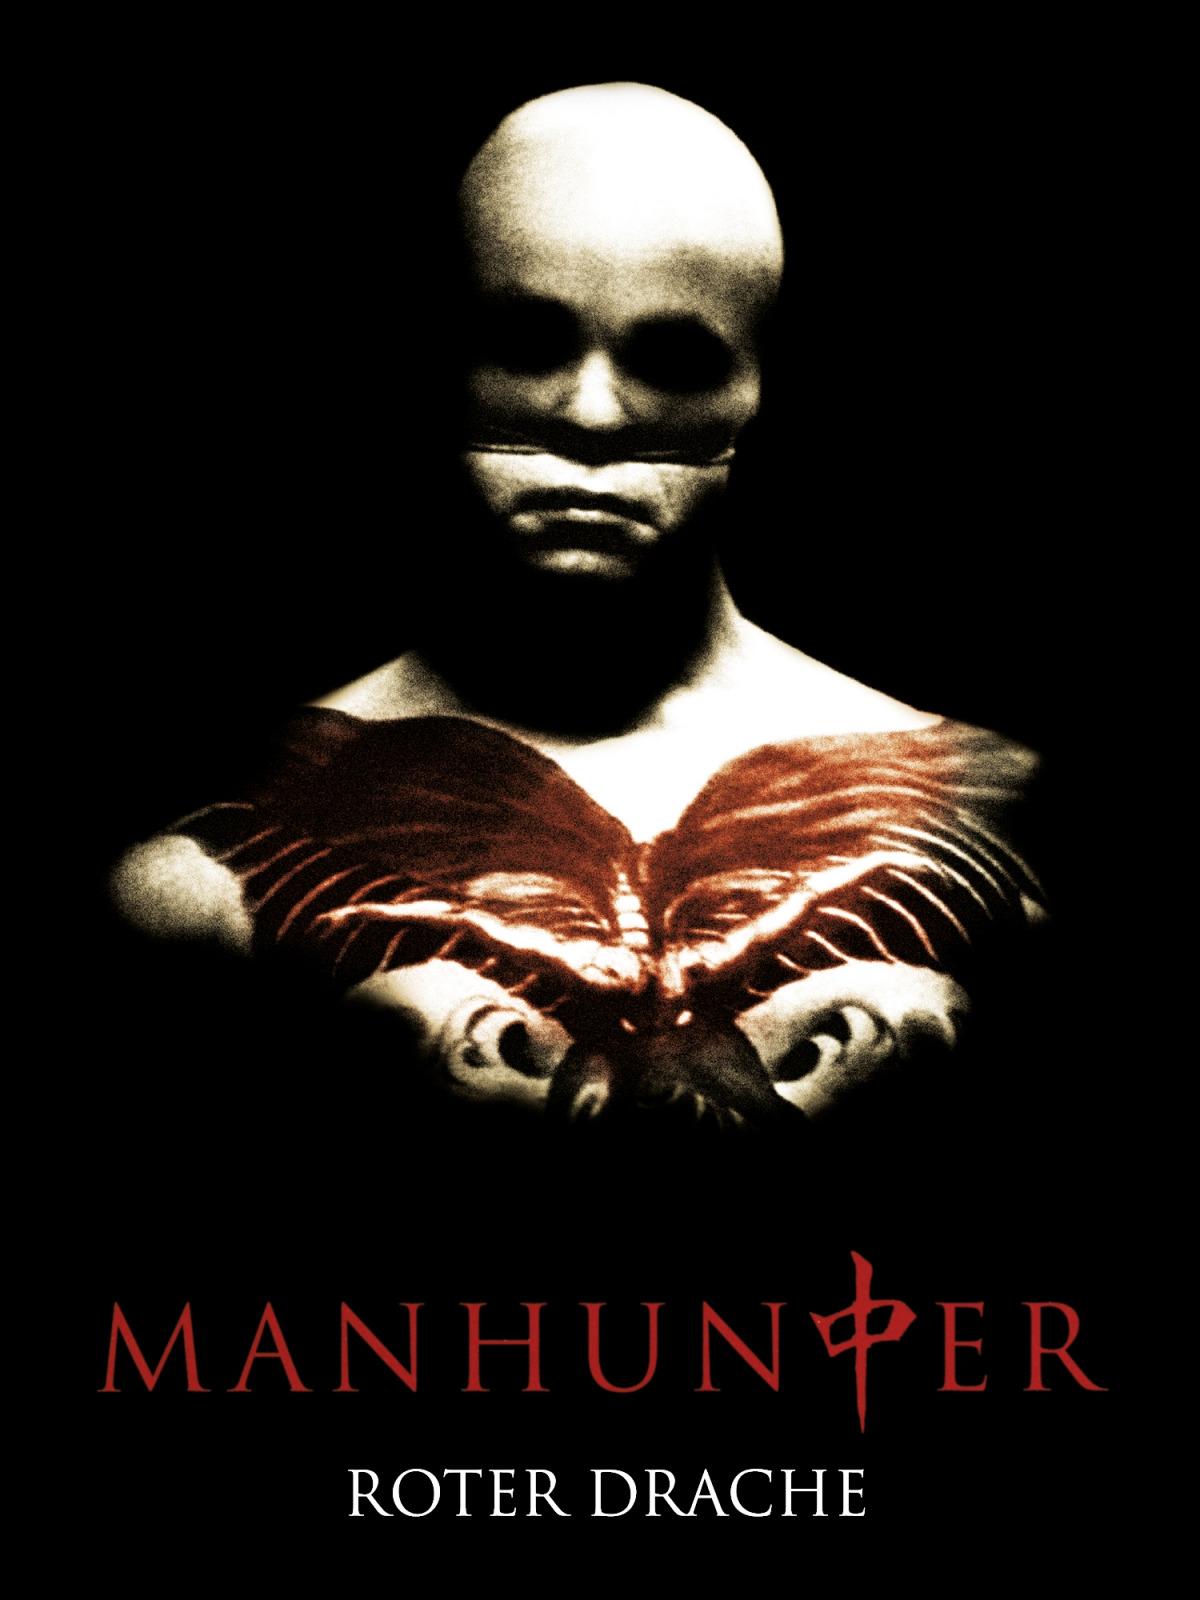 Manhunter - Roter Drache